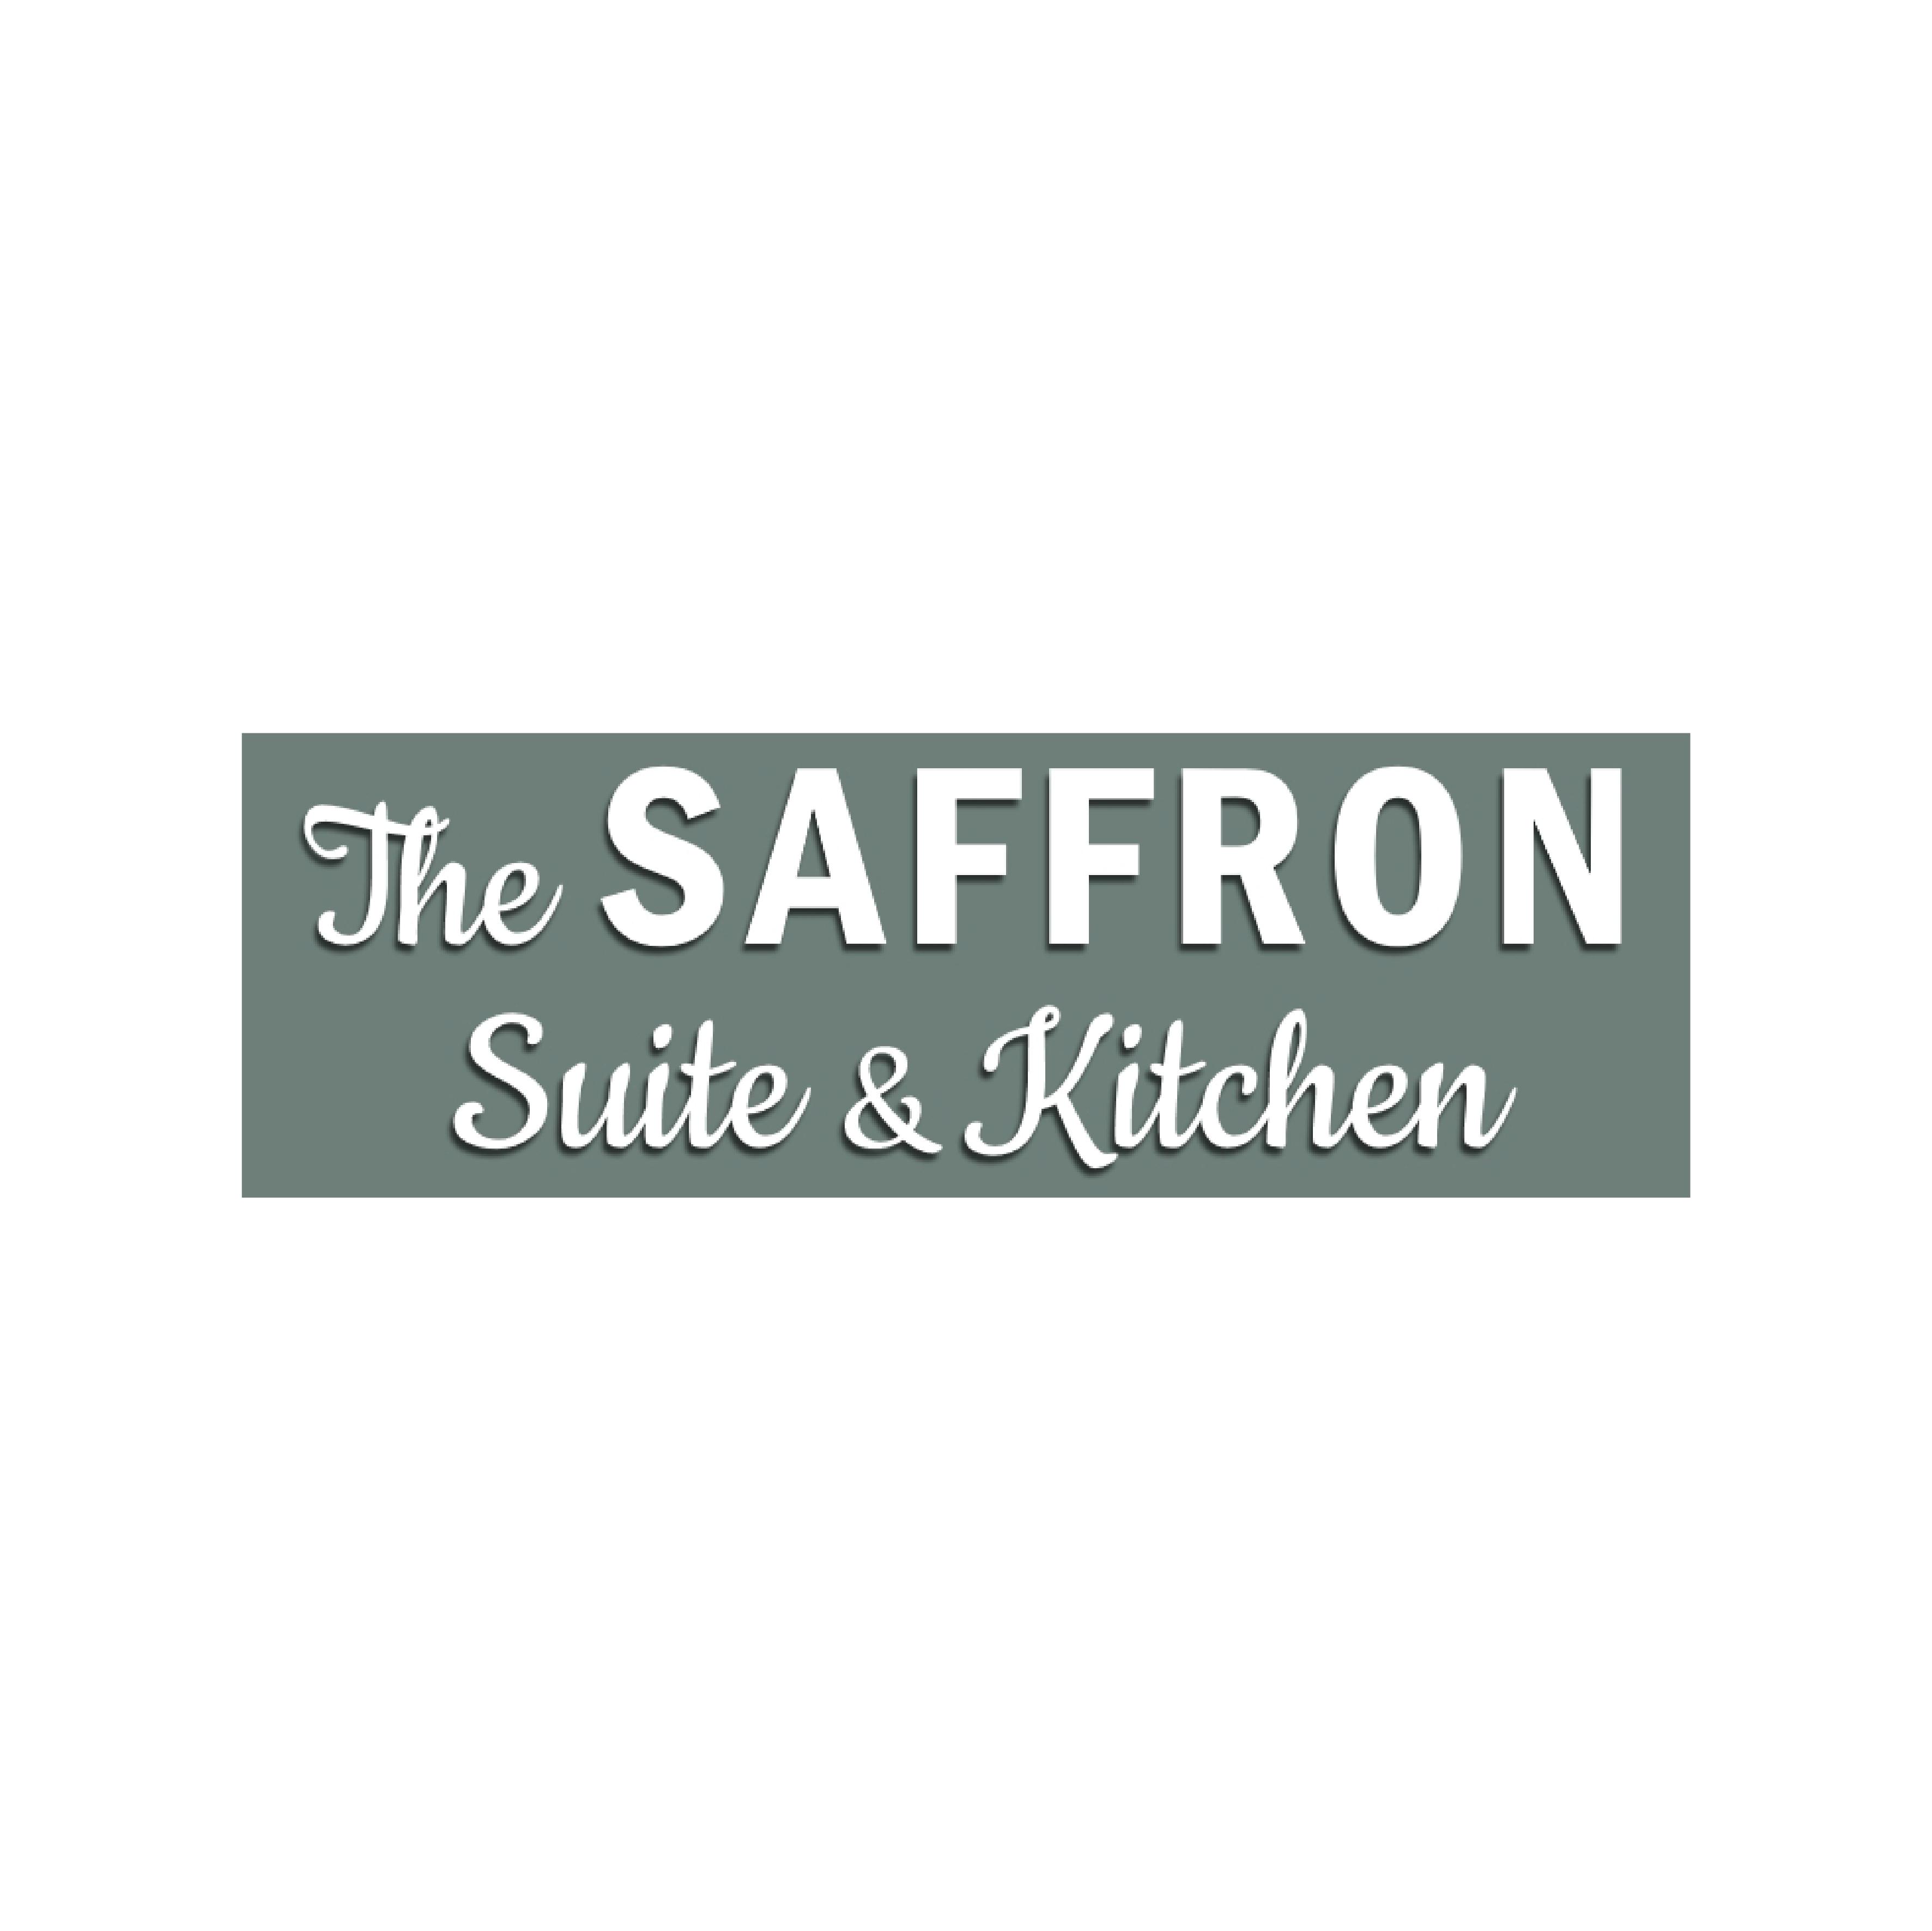 The Saffron Suite & Kitchen